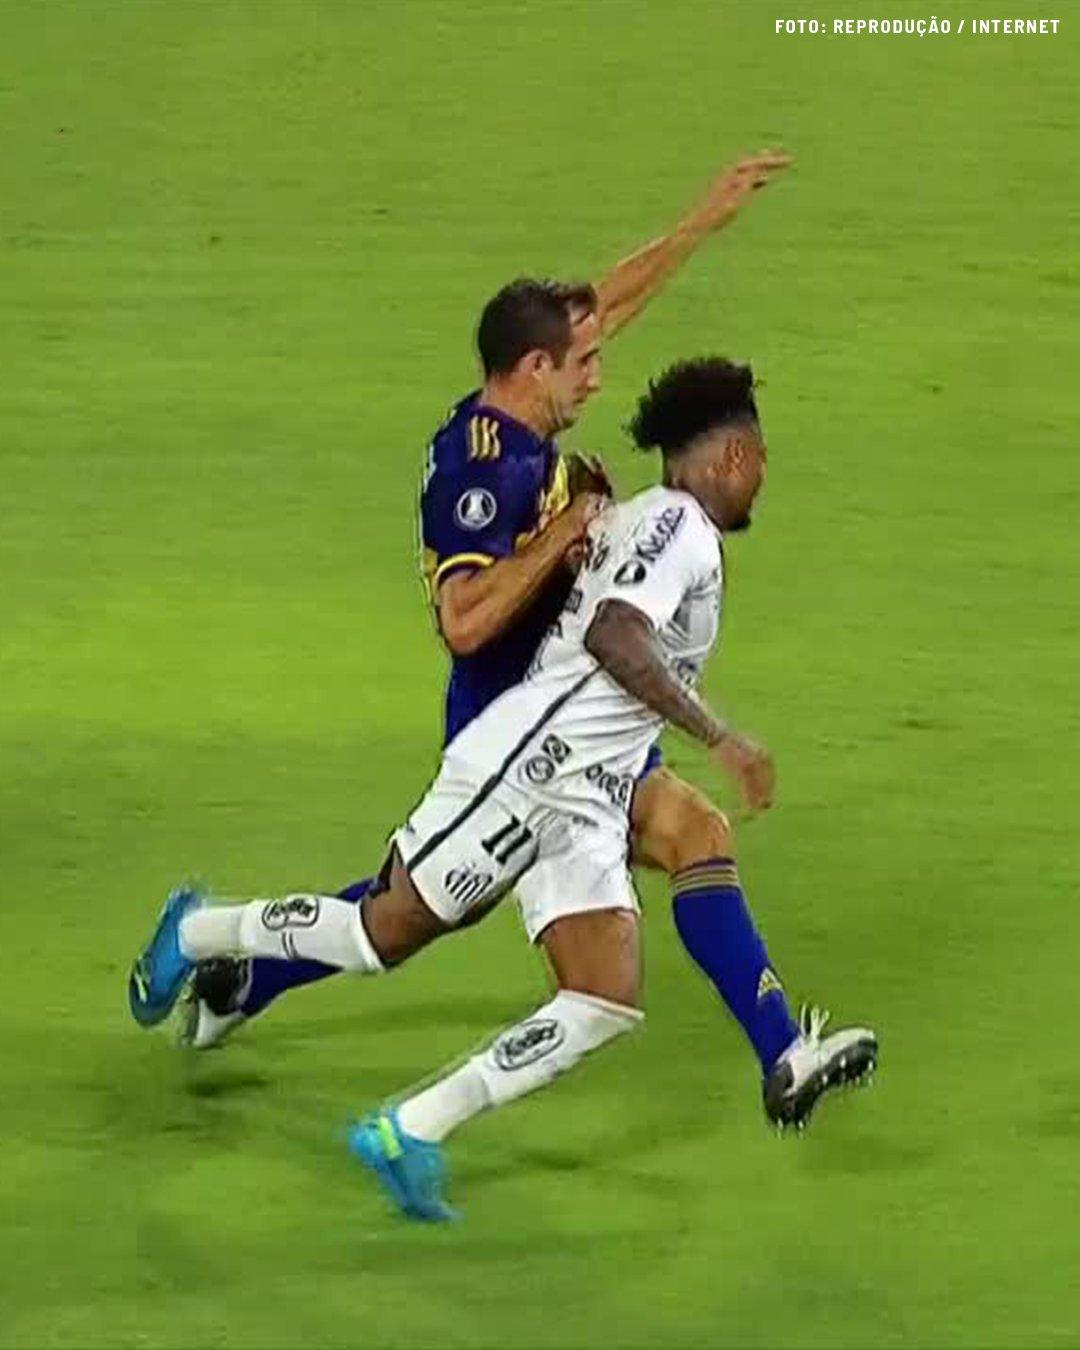 Boca Juniors e Santos empatam no jogo de ida da semifinal da Libertadores